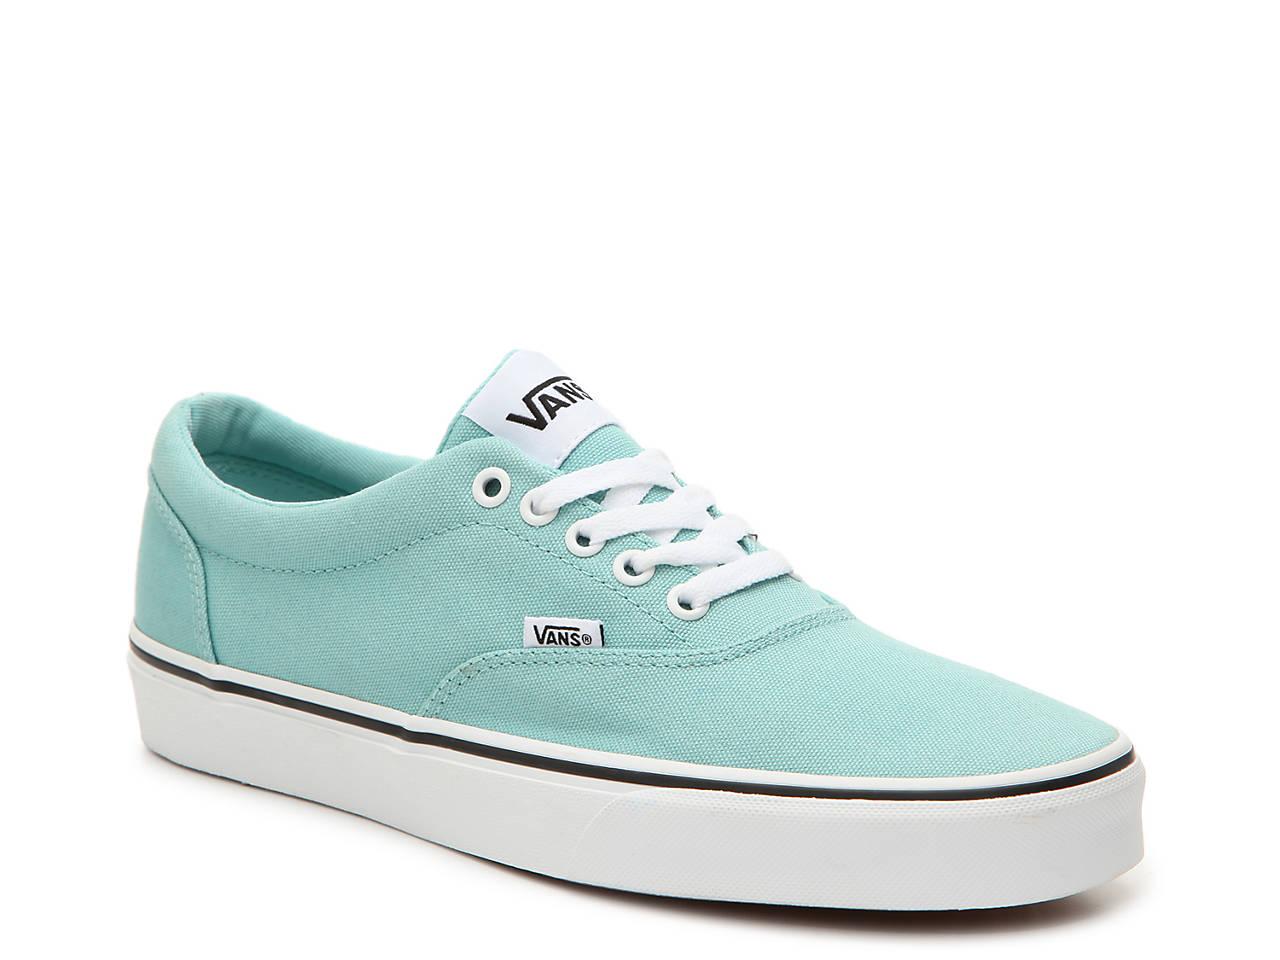 0d4659241923 Vans Doheny Sneaker - Men s Men s Shoes